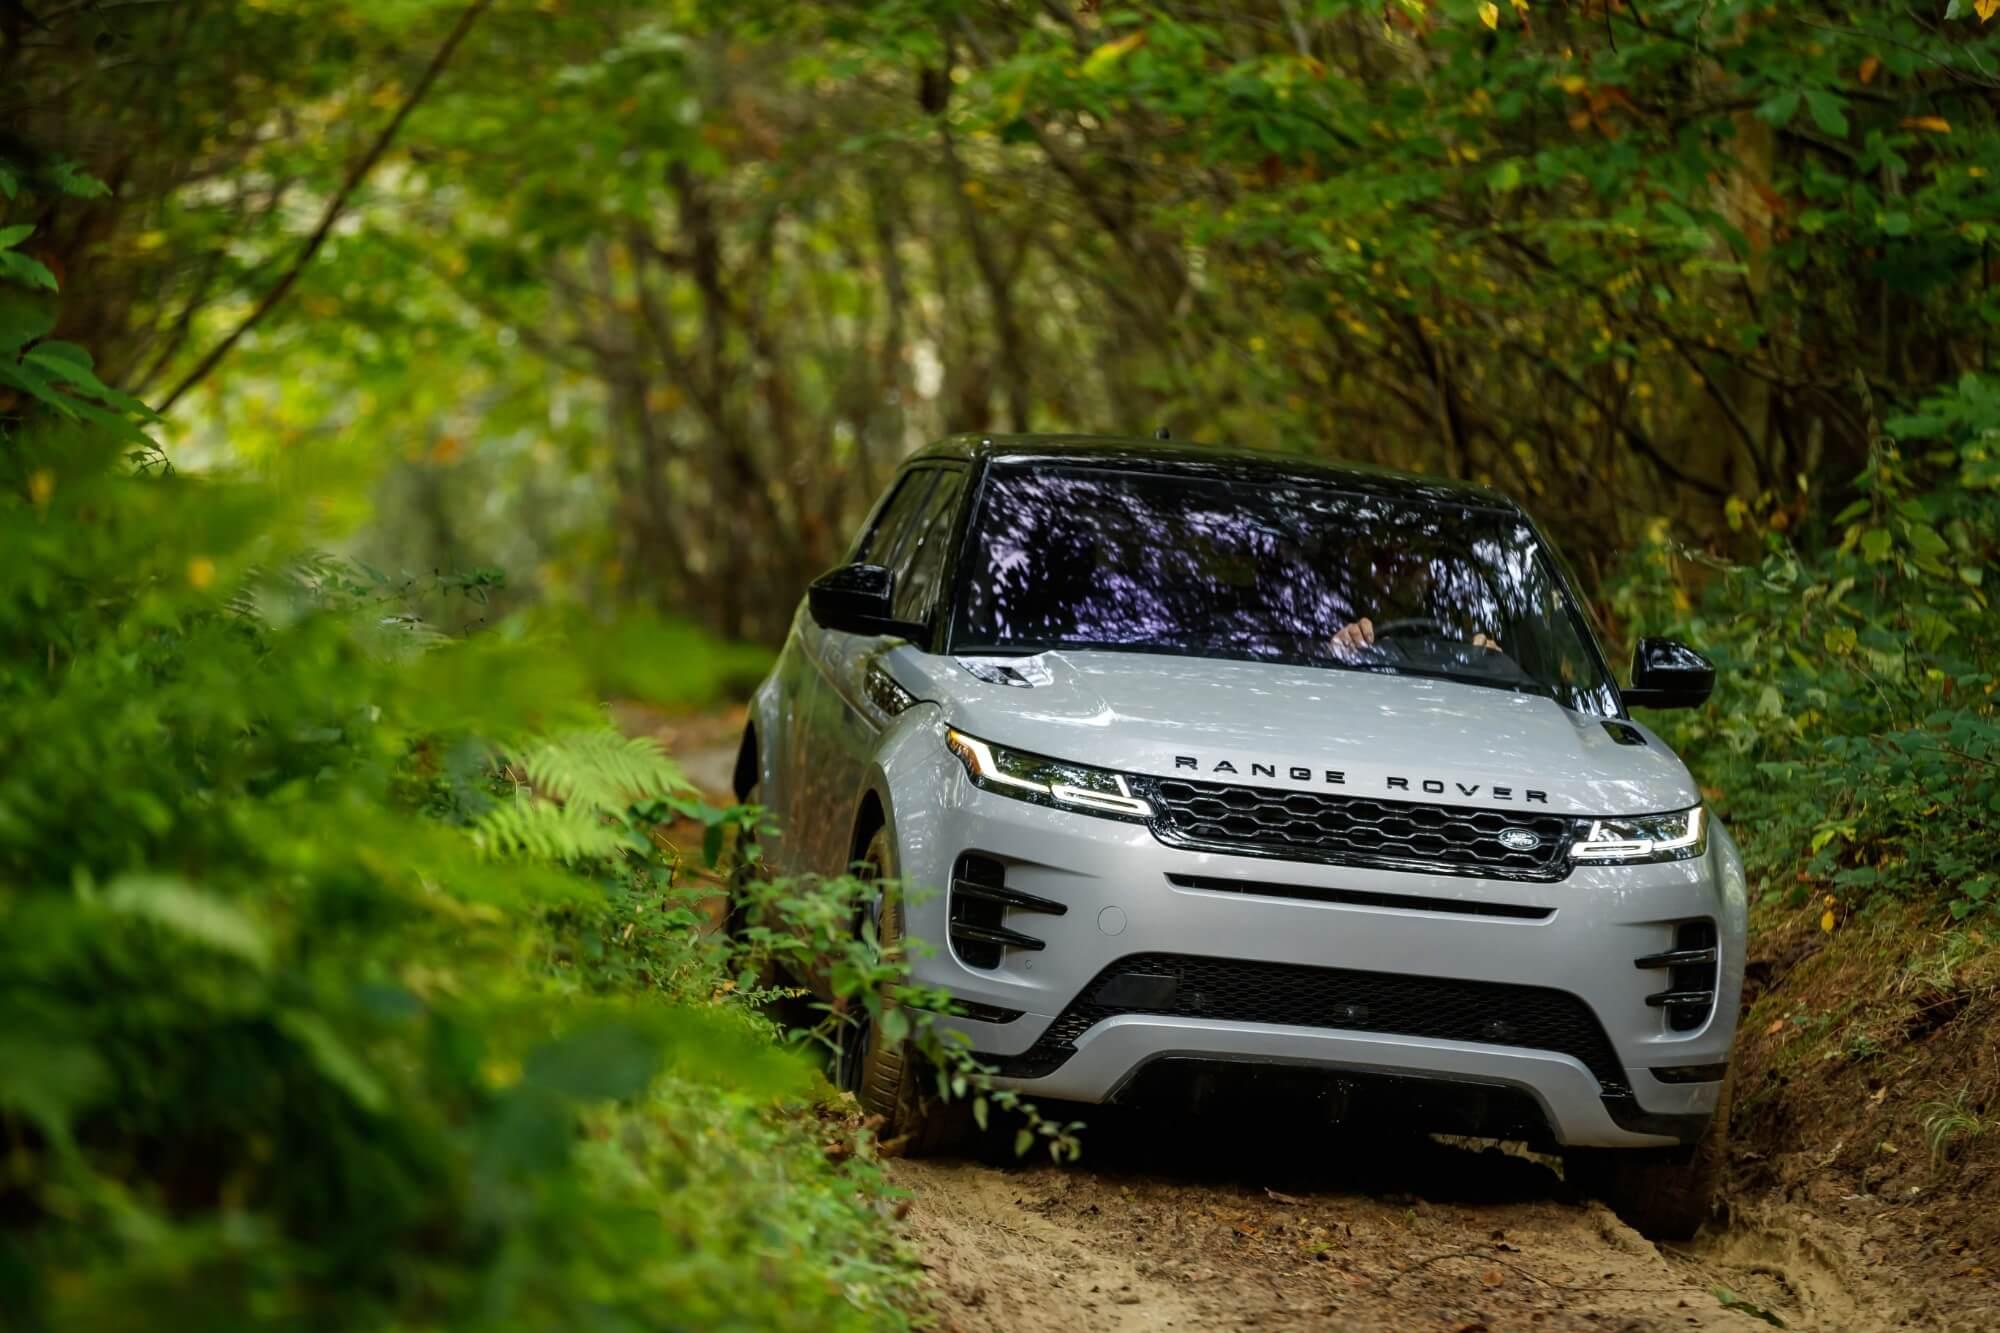 Range Rover fornyer deres mindste